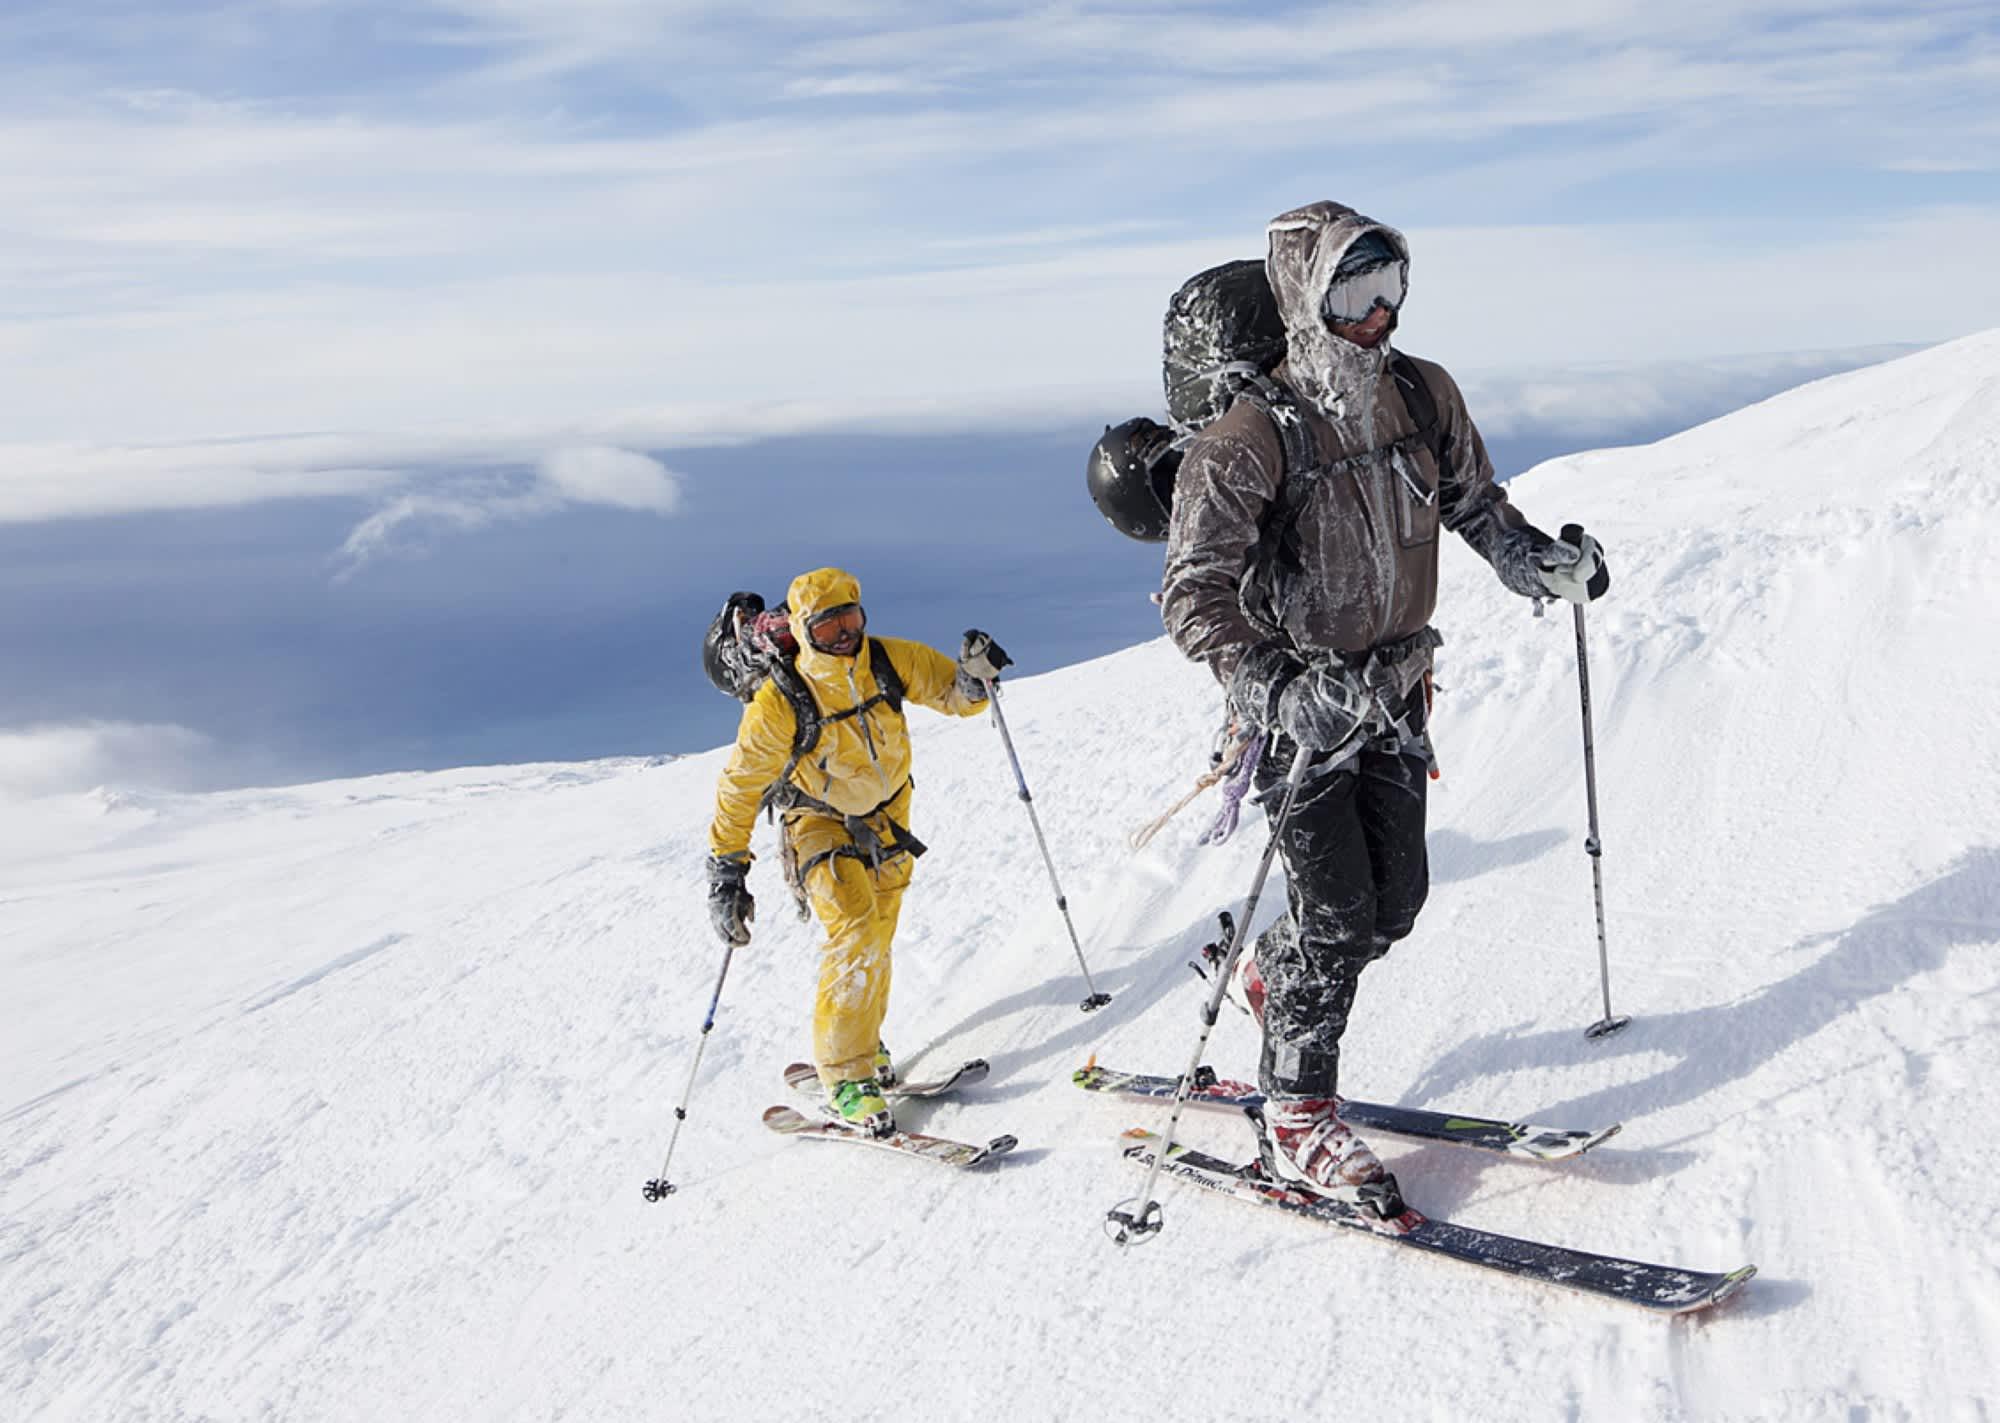 Jan Mayen är fuktigt och kläderna blir ofta isbelagda.